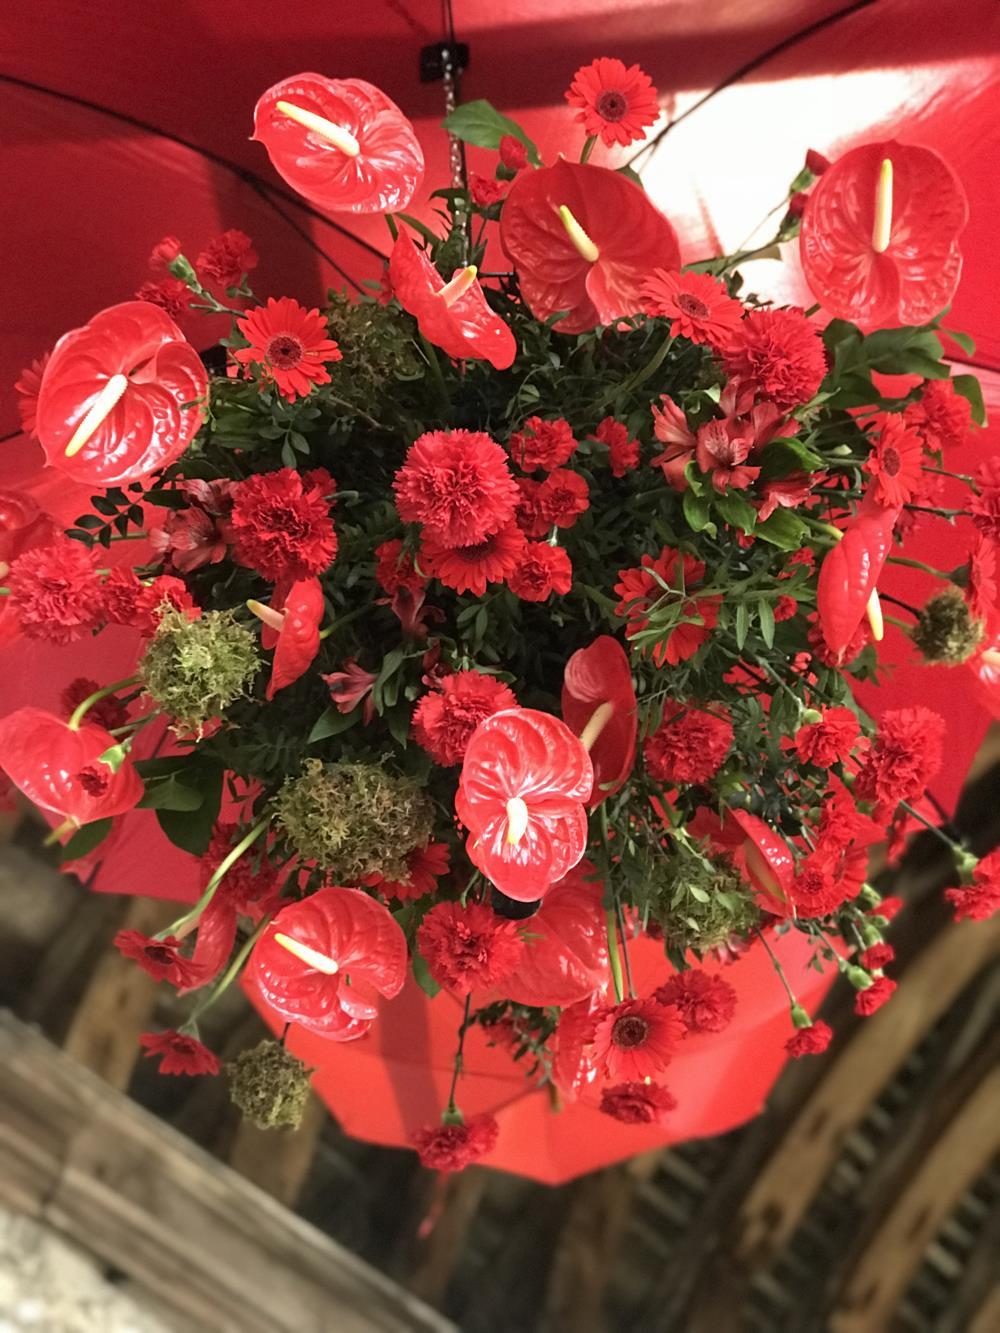 Red anthurium display